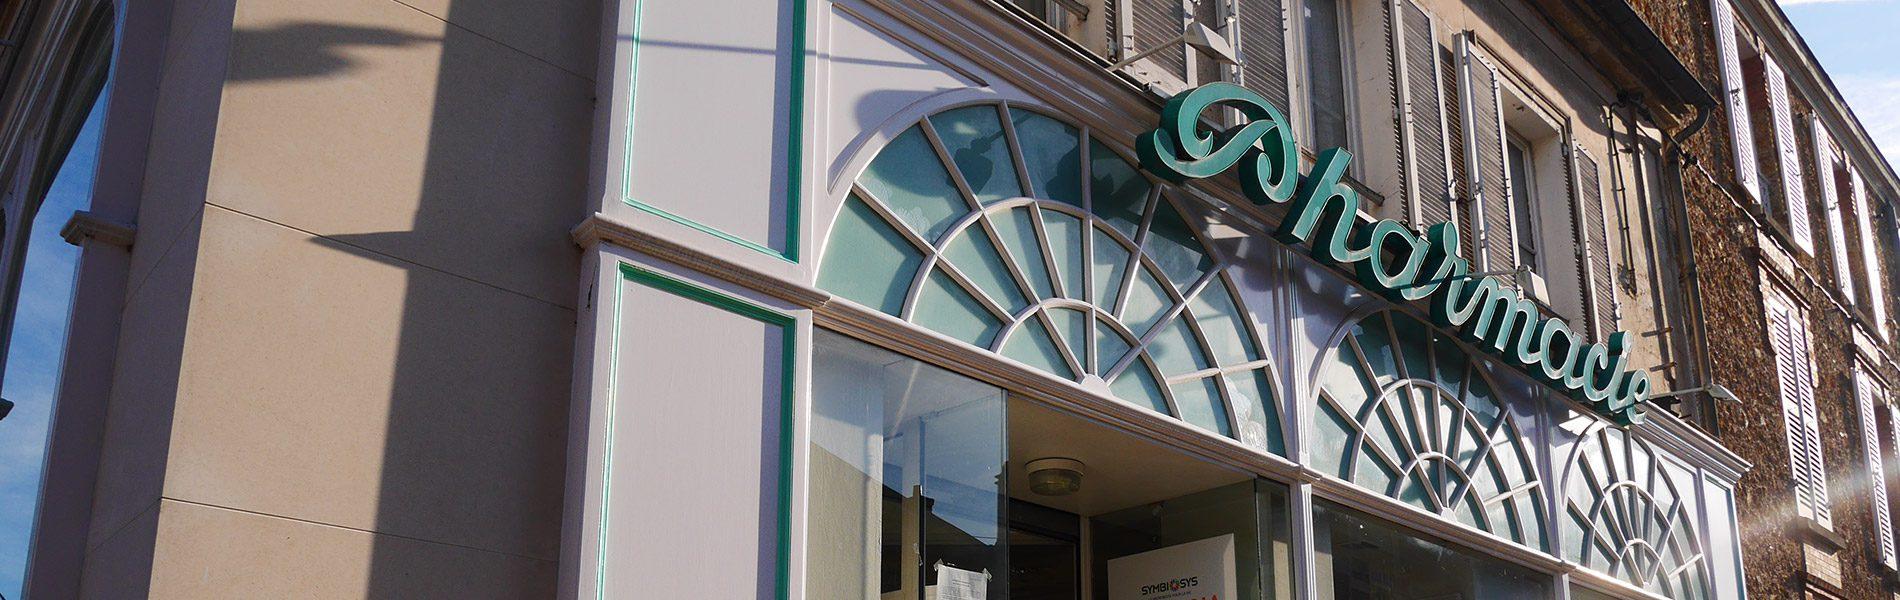 Pharmacie DU LAVOIR - Image Homepage 1